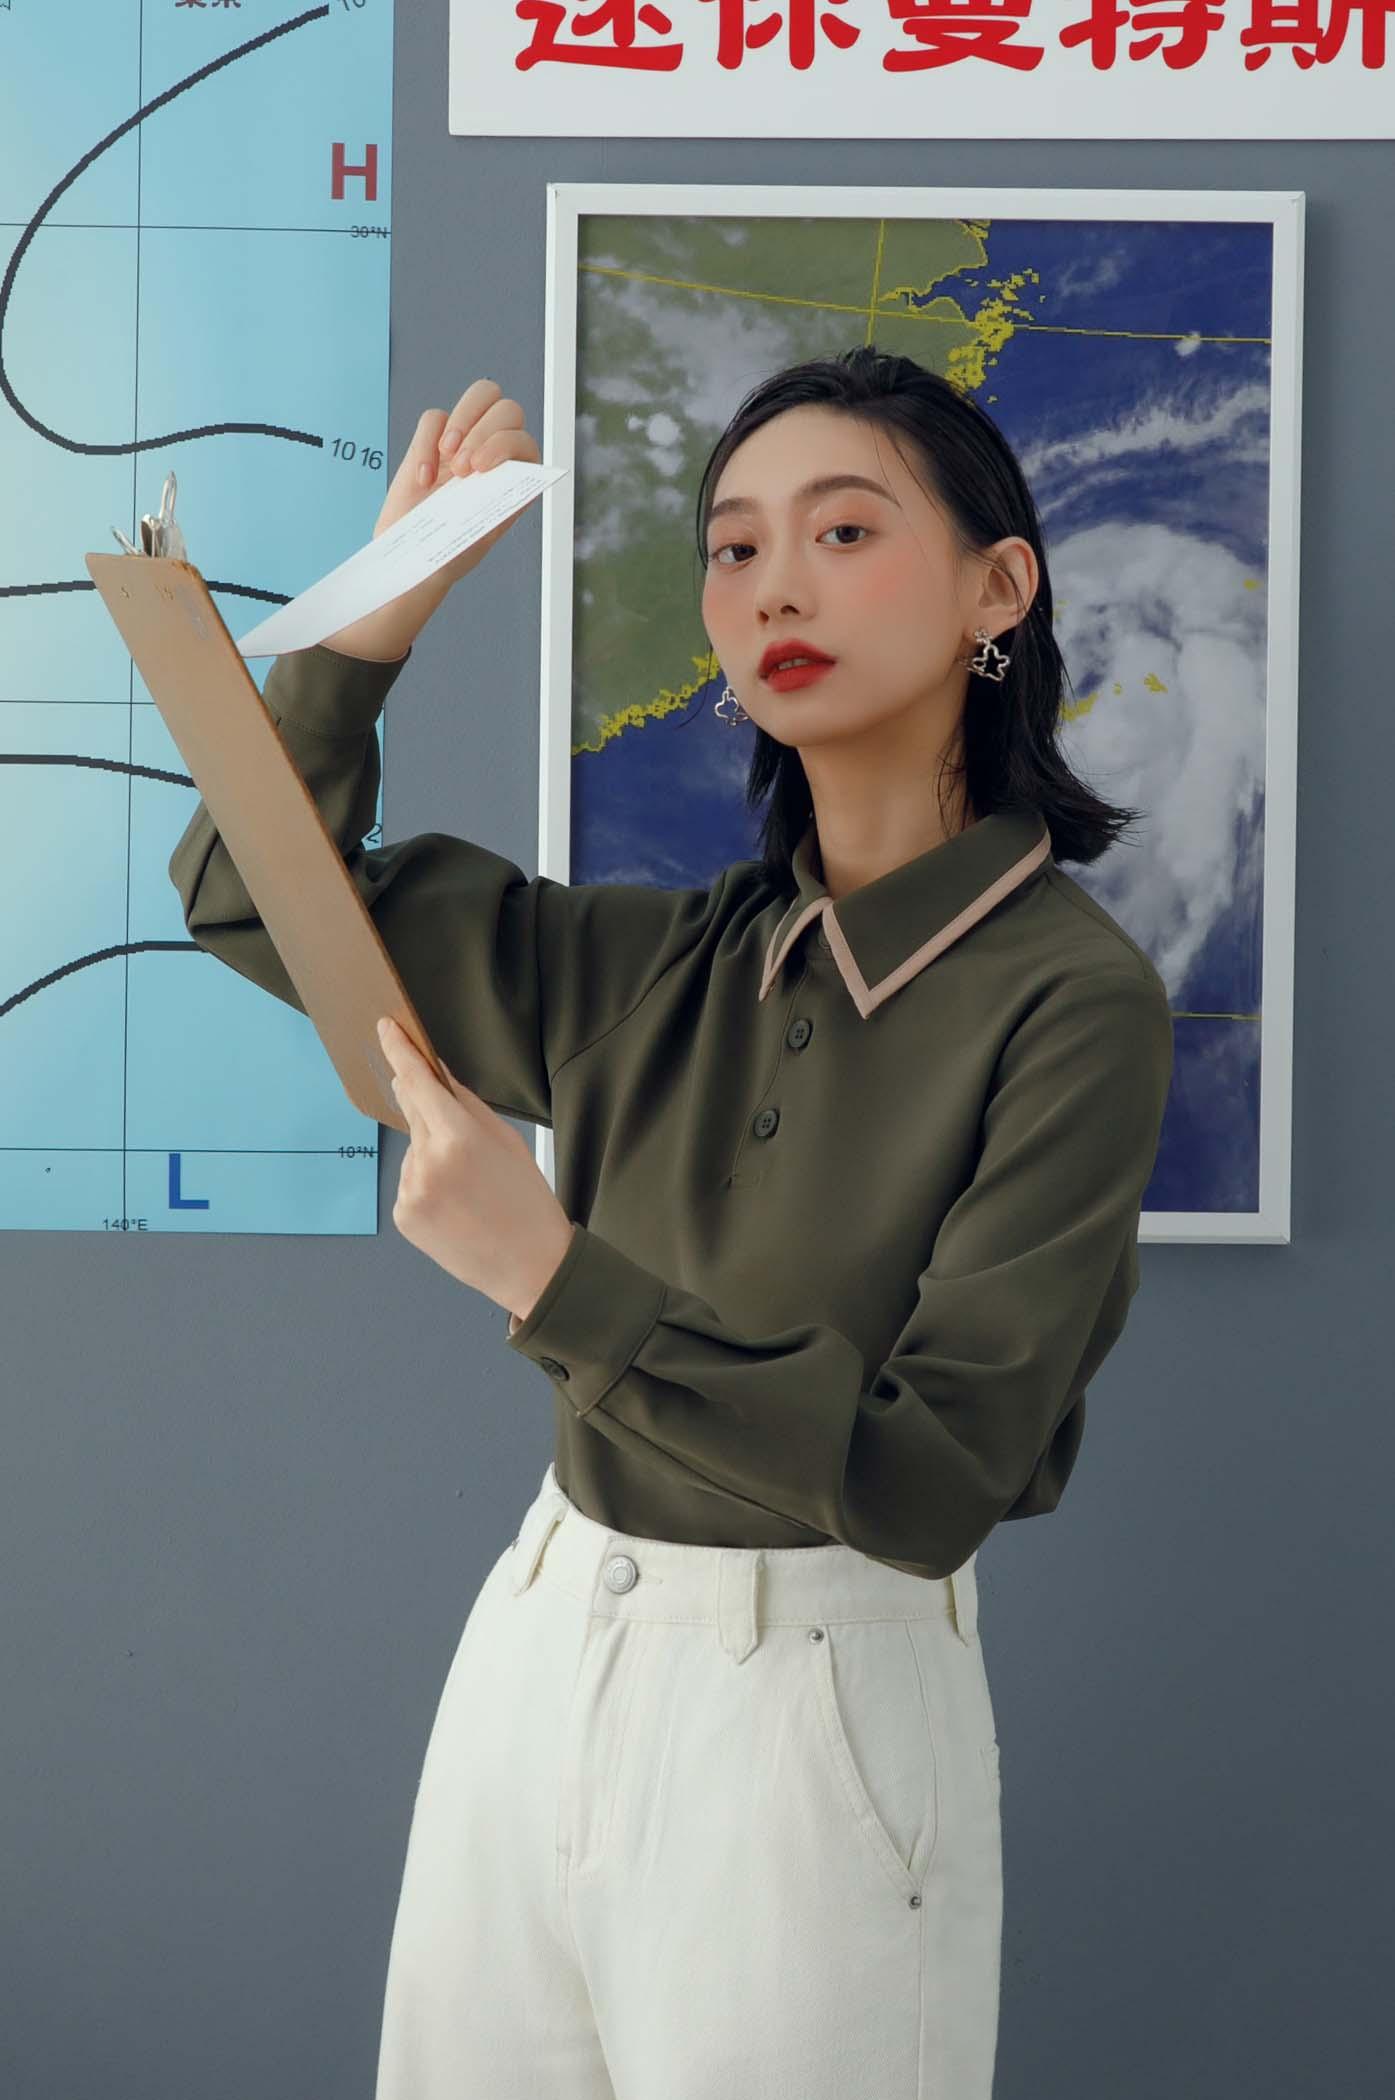 頂客族 - 老婆襯衫